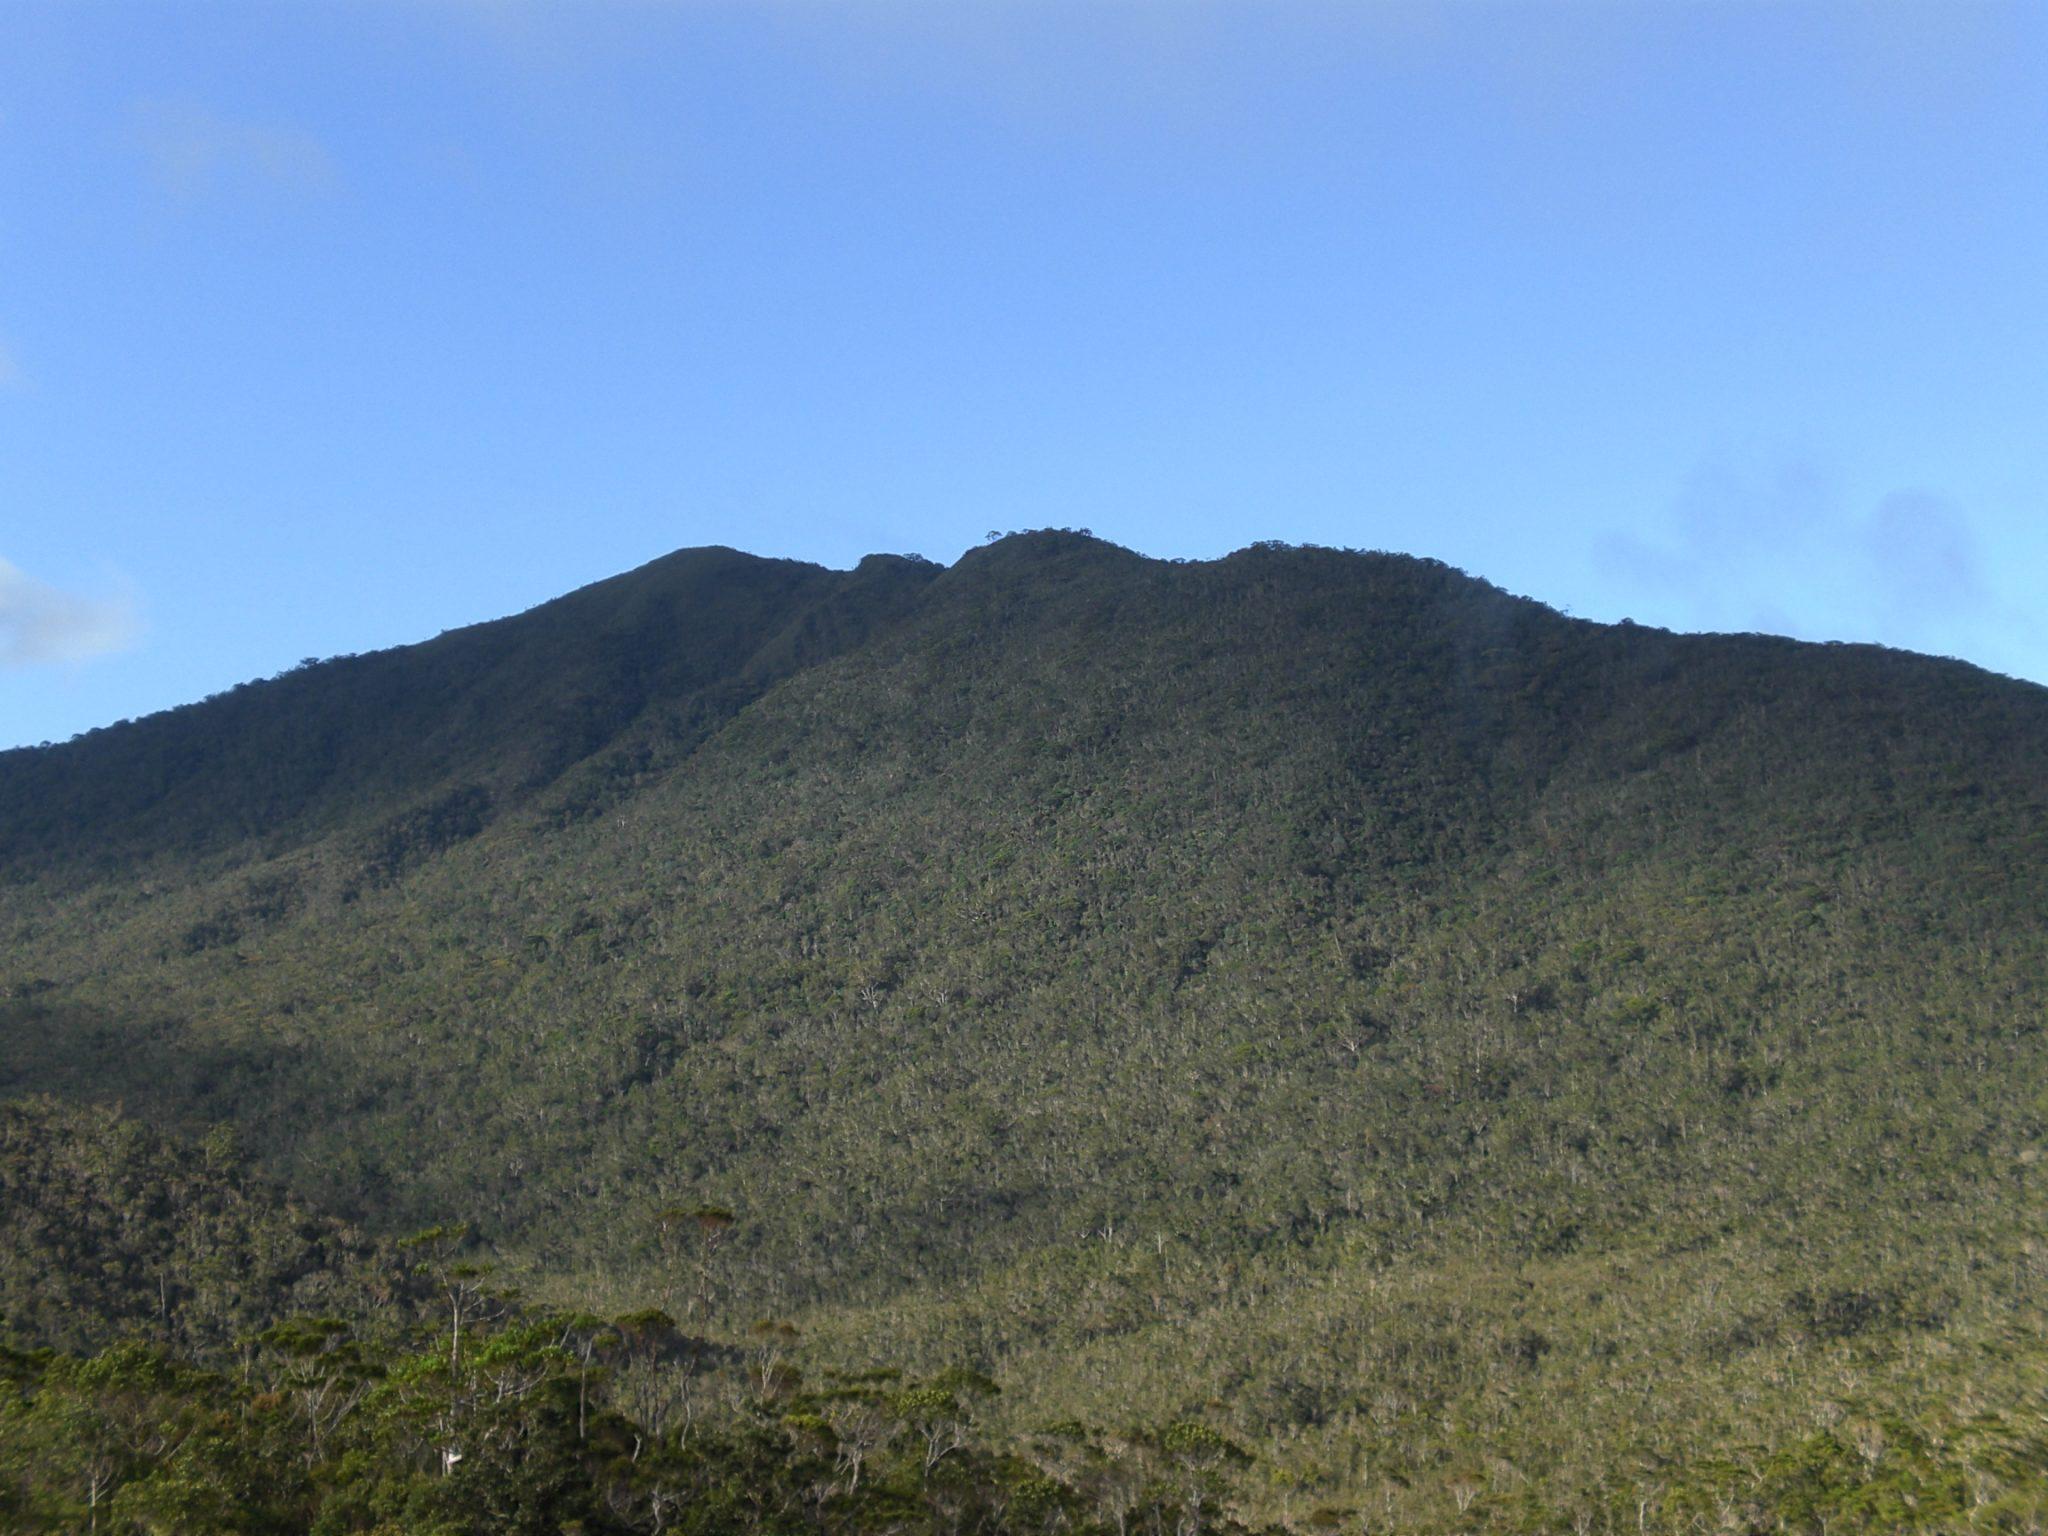 フィリピン・バギオにあるハミギタン山岳地域野生動物保護区